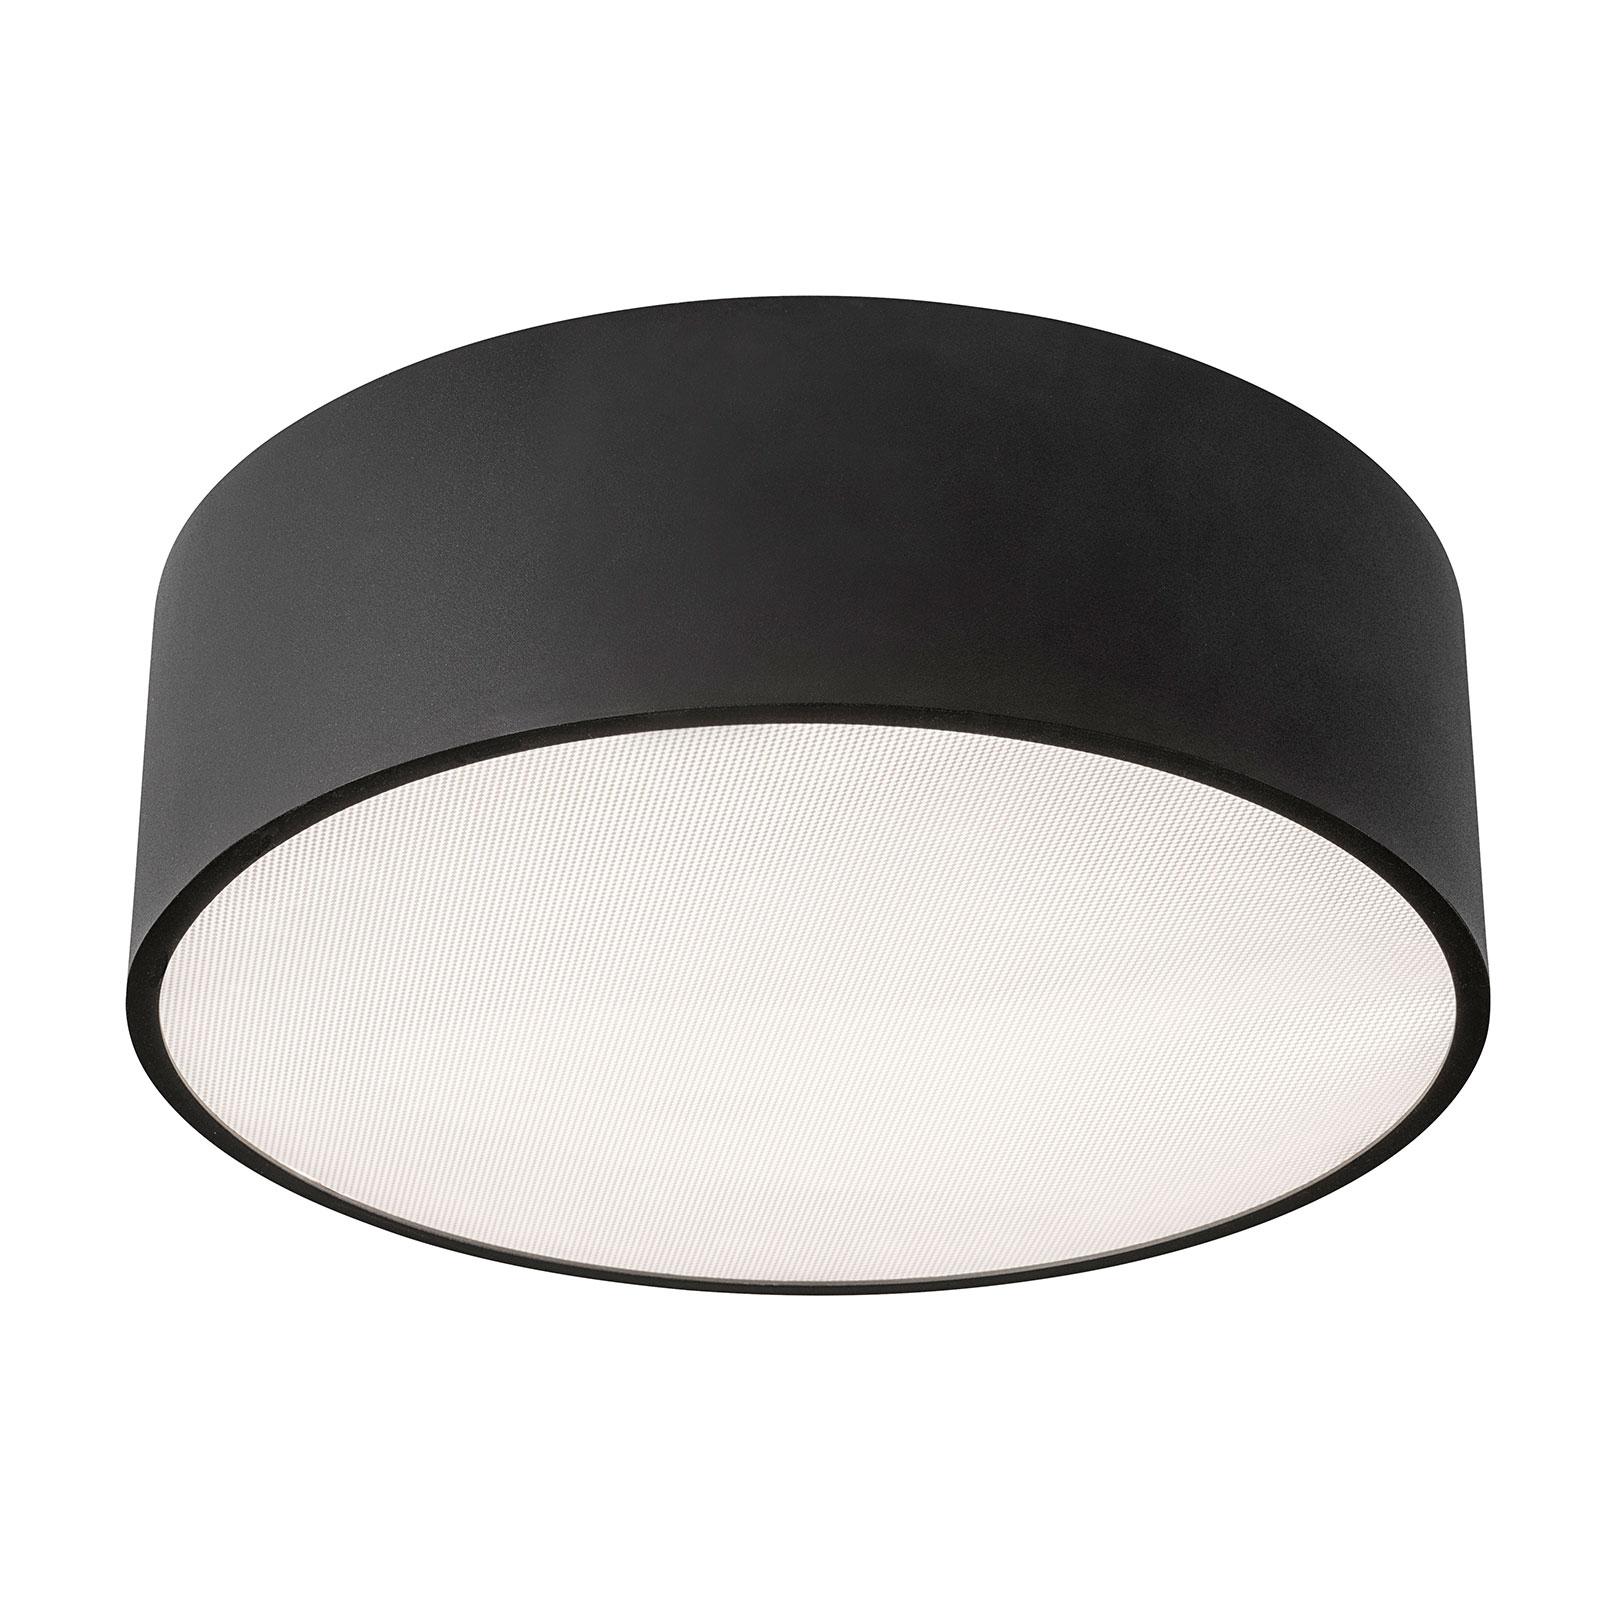 LEDS-C4 Luno LED-loftlampe